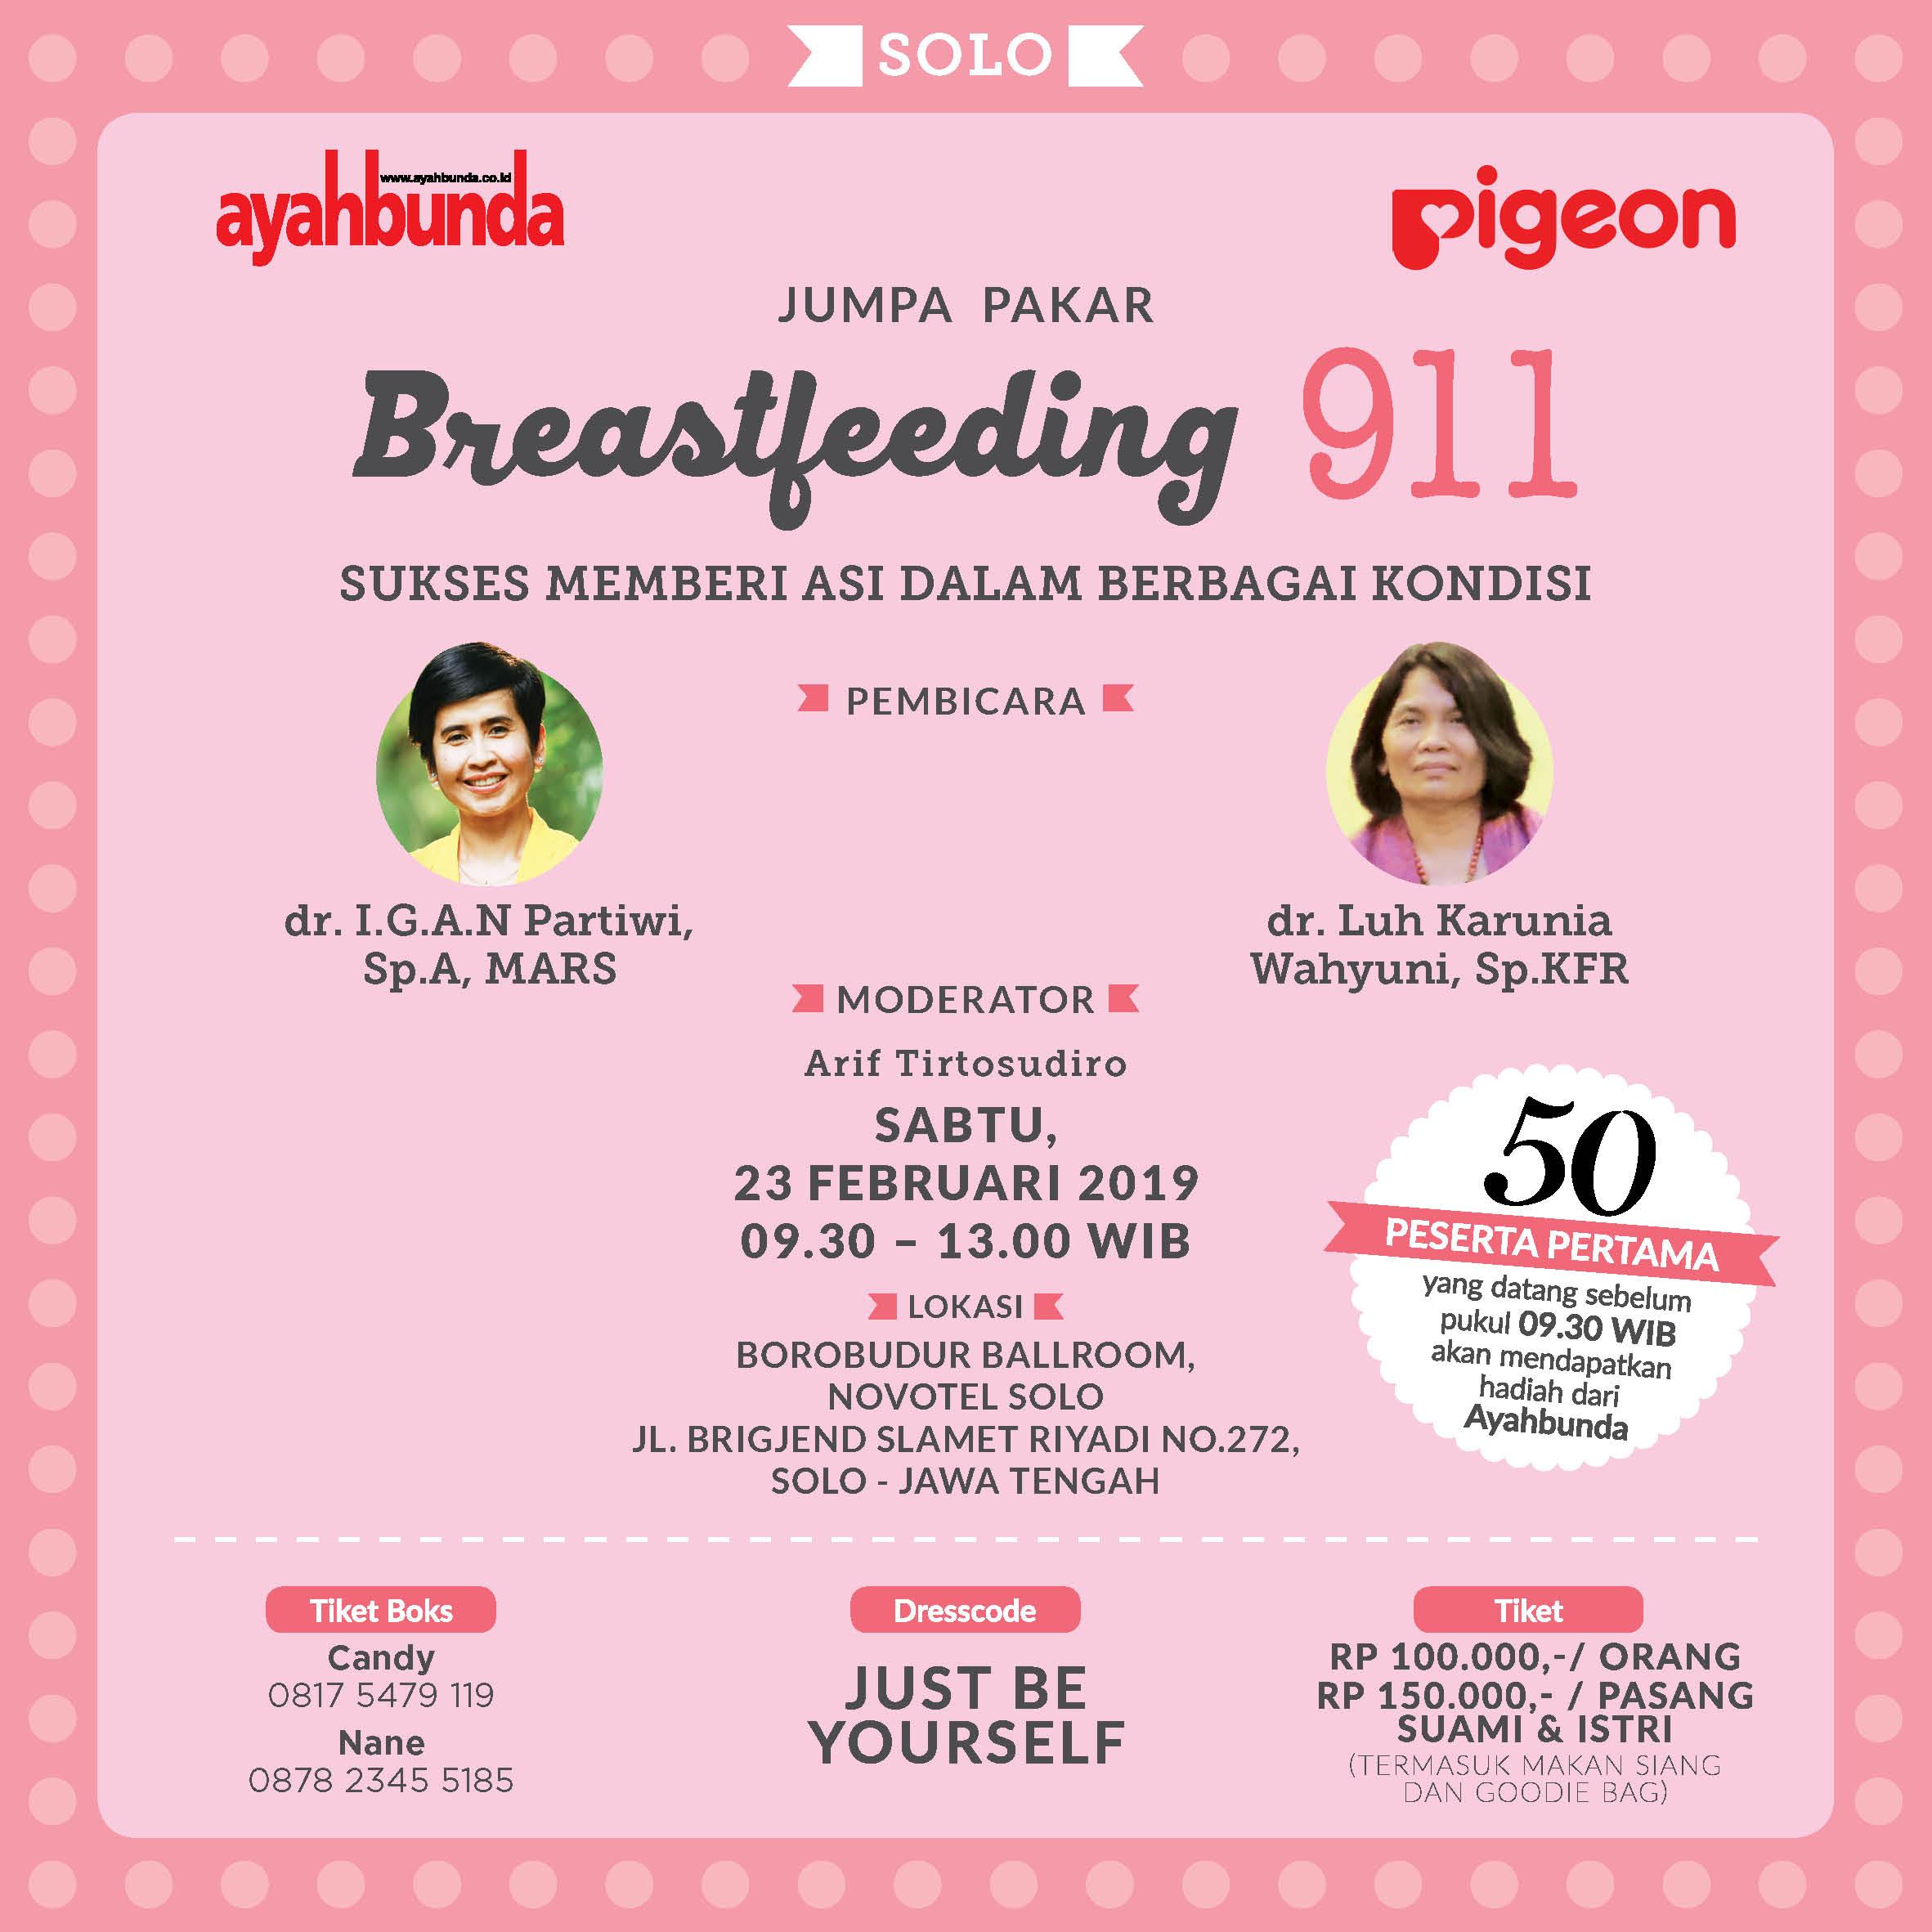 Jumpa Pakar Breastfeeding 911 di Solo